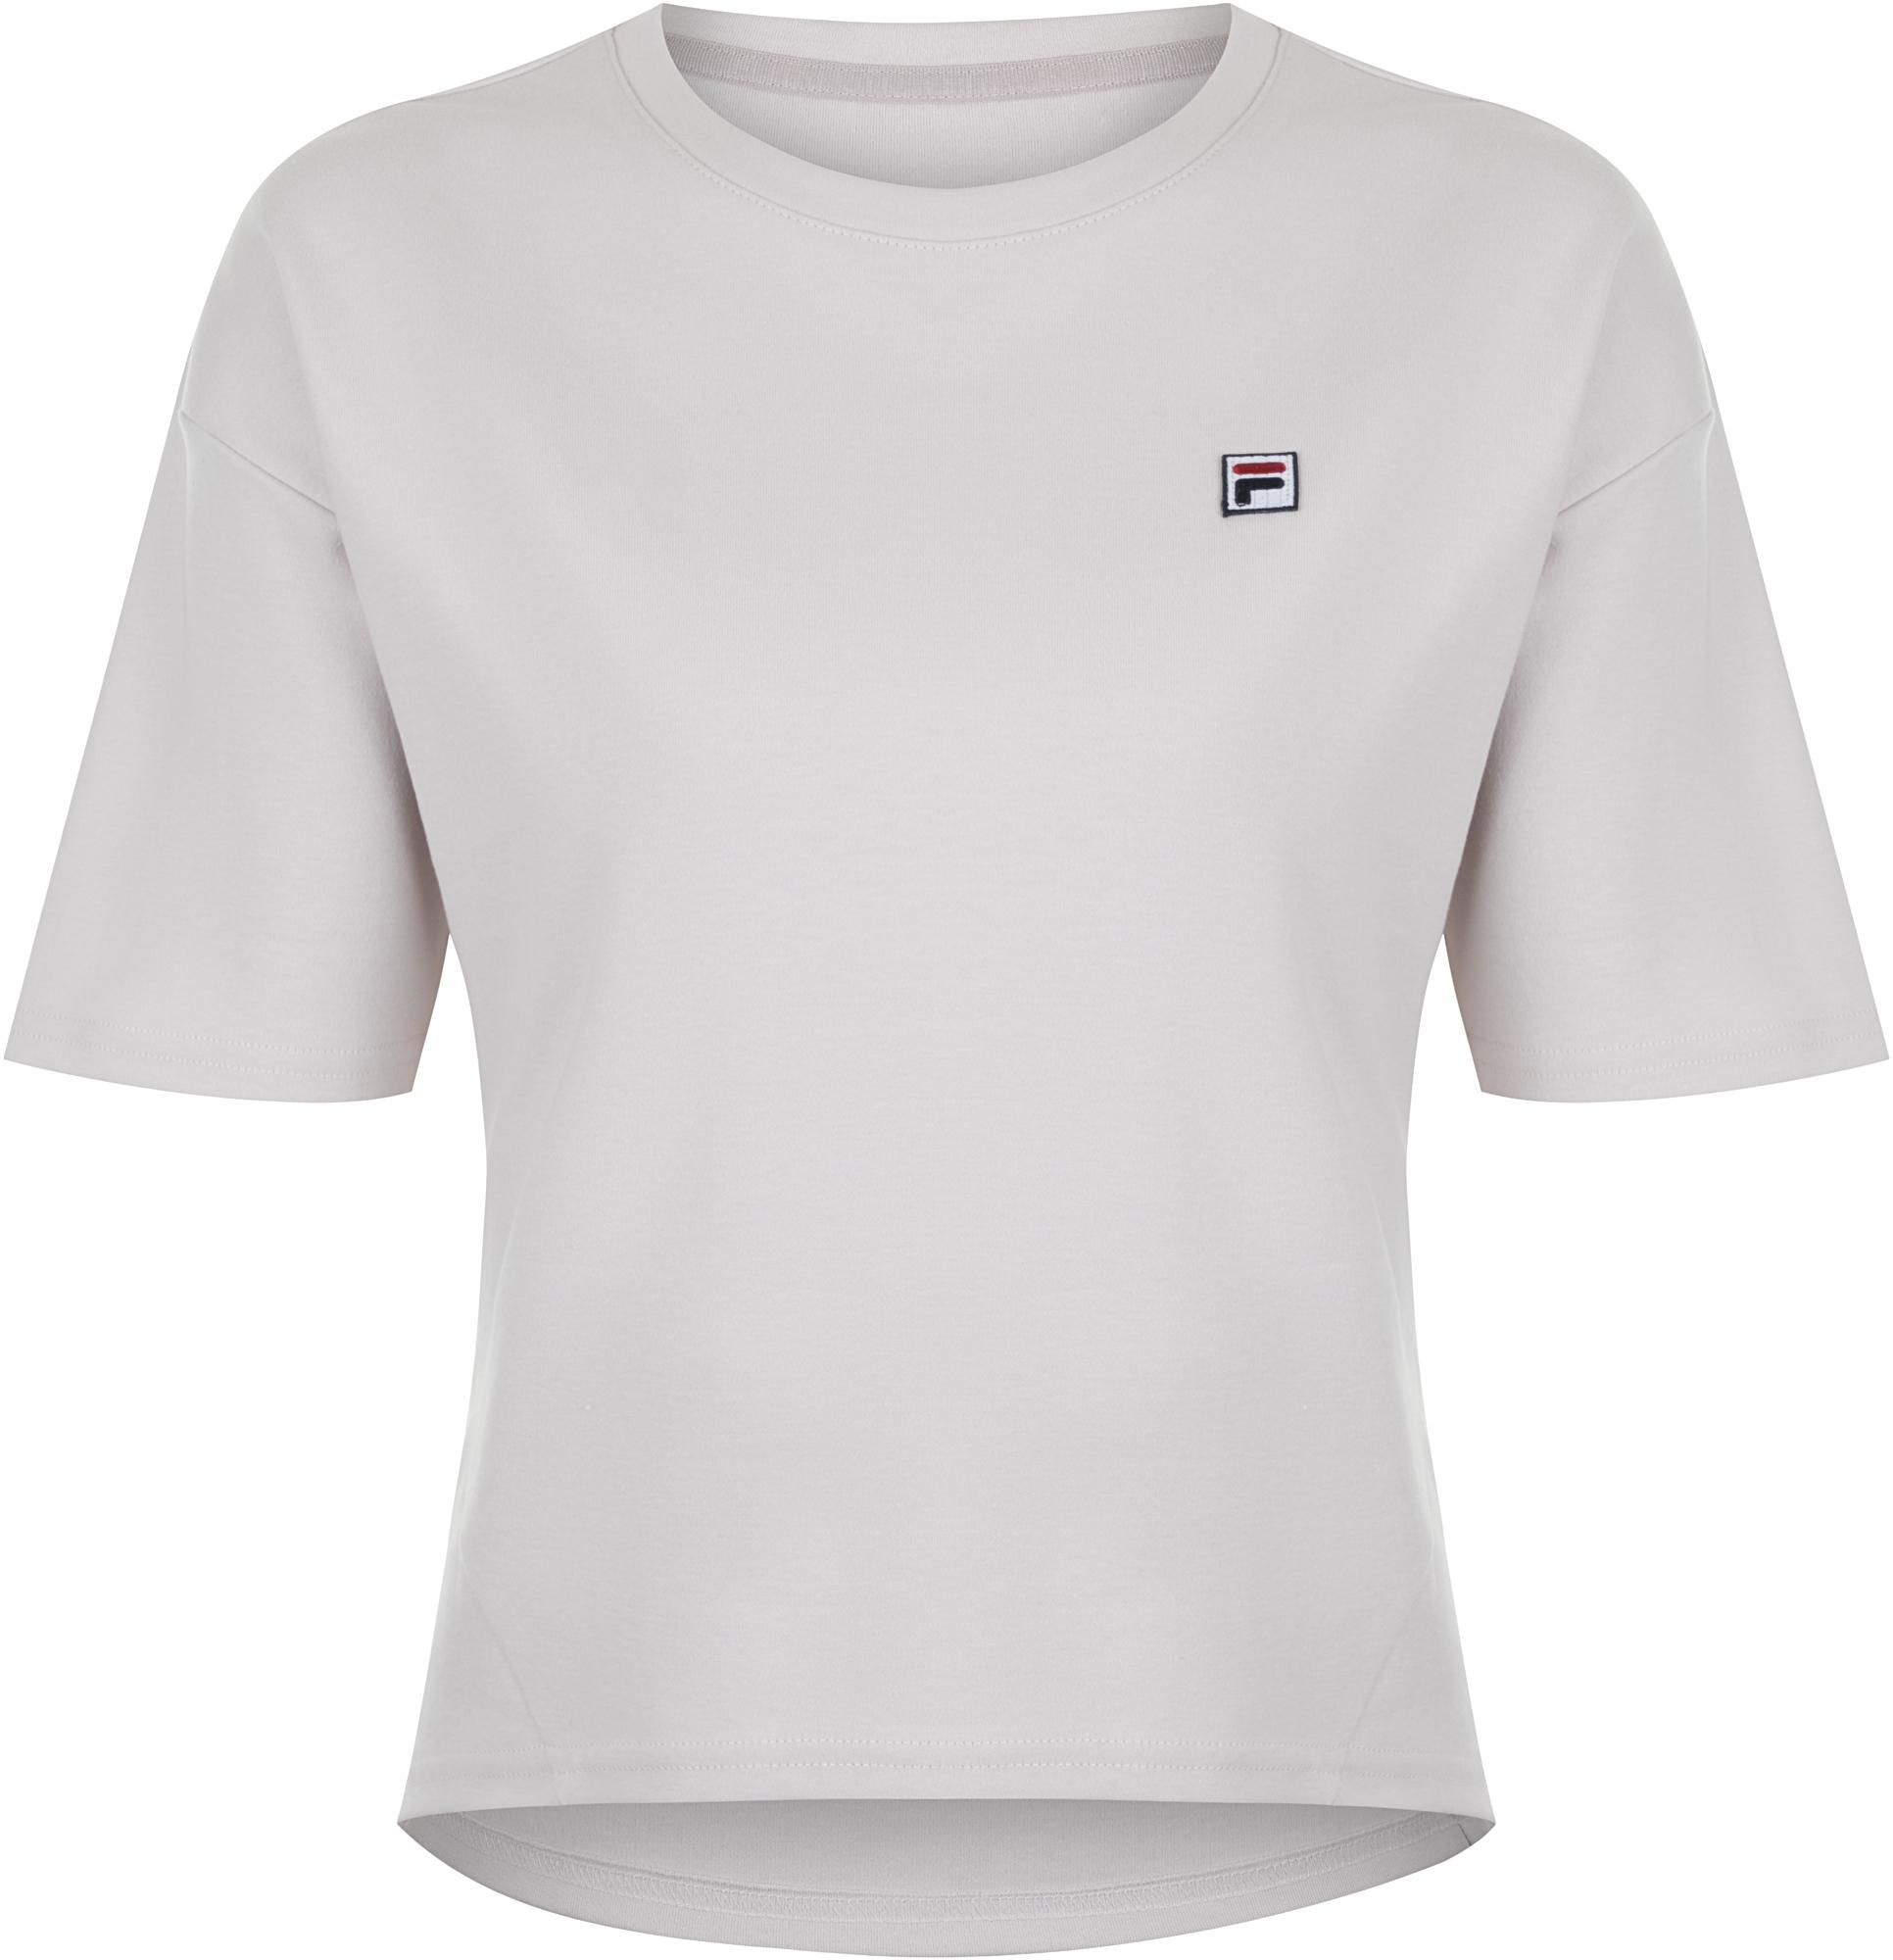 Fila Футболка женская Fila, размер 48 fila футболка с длинным рукавом женская fila размер 52